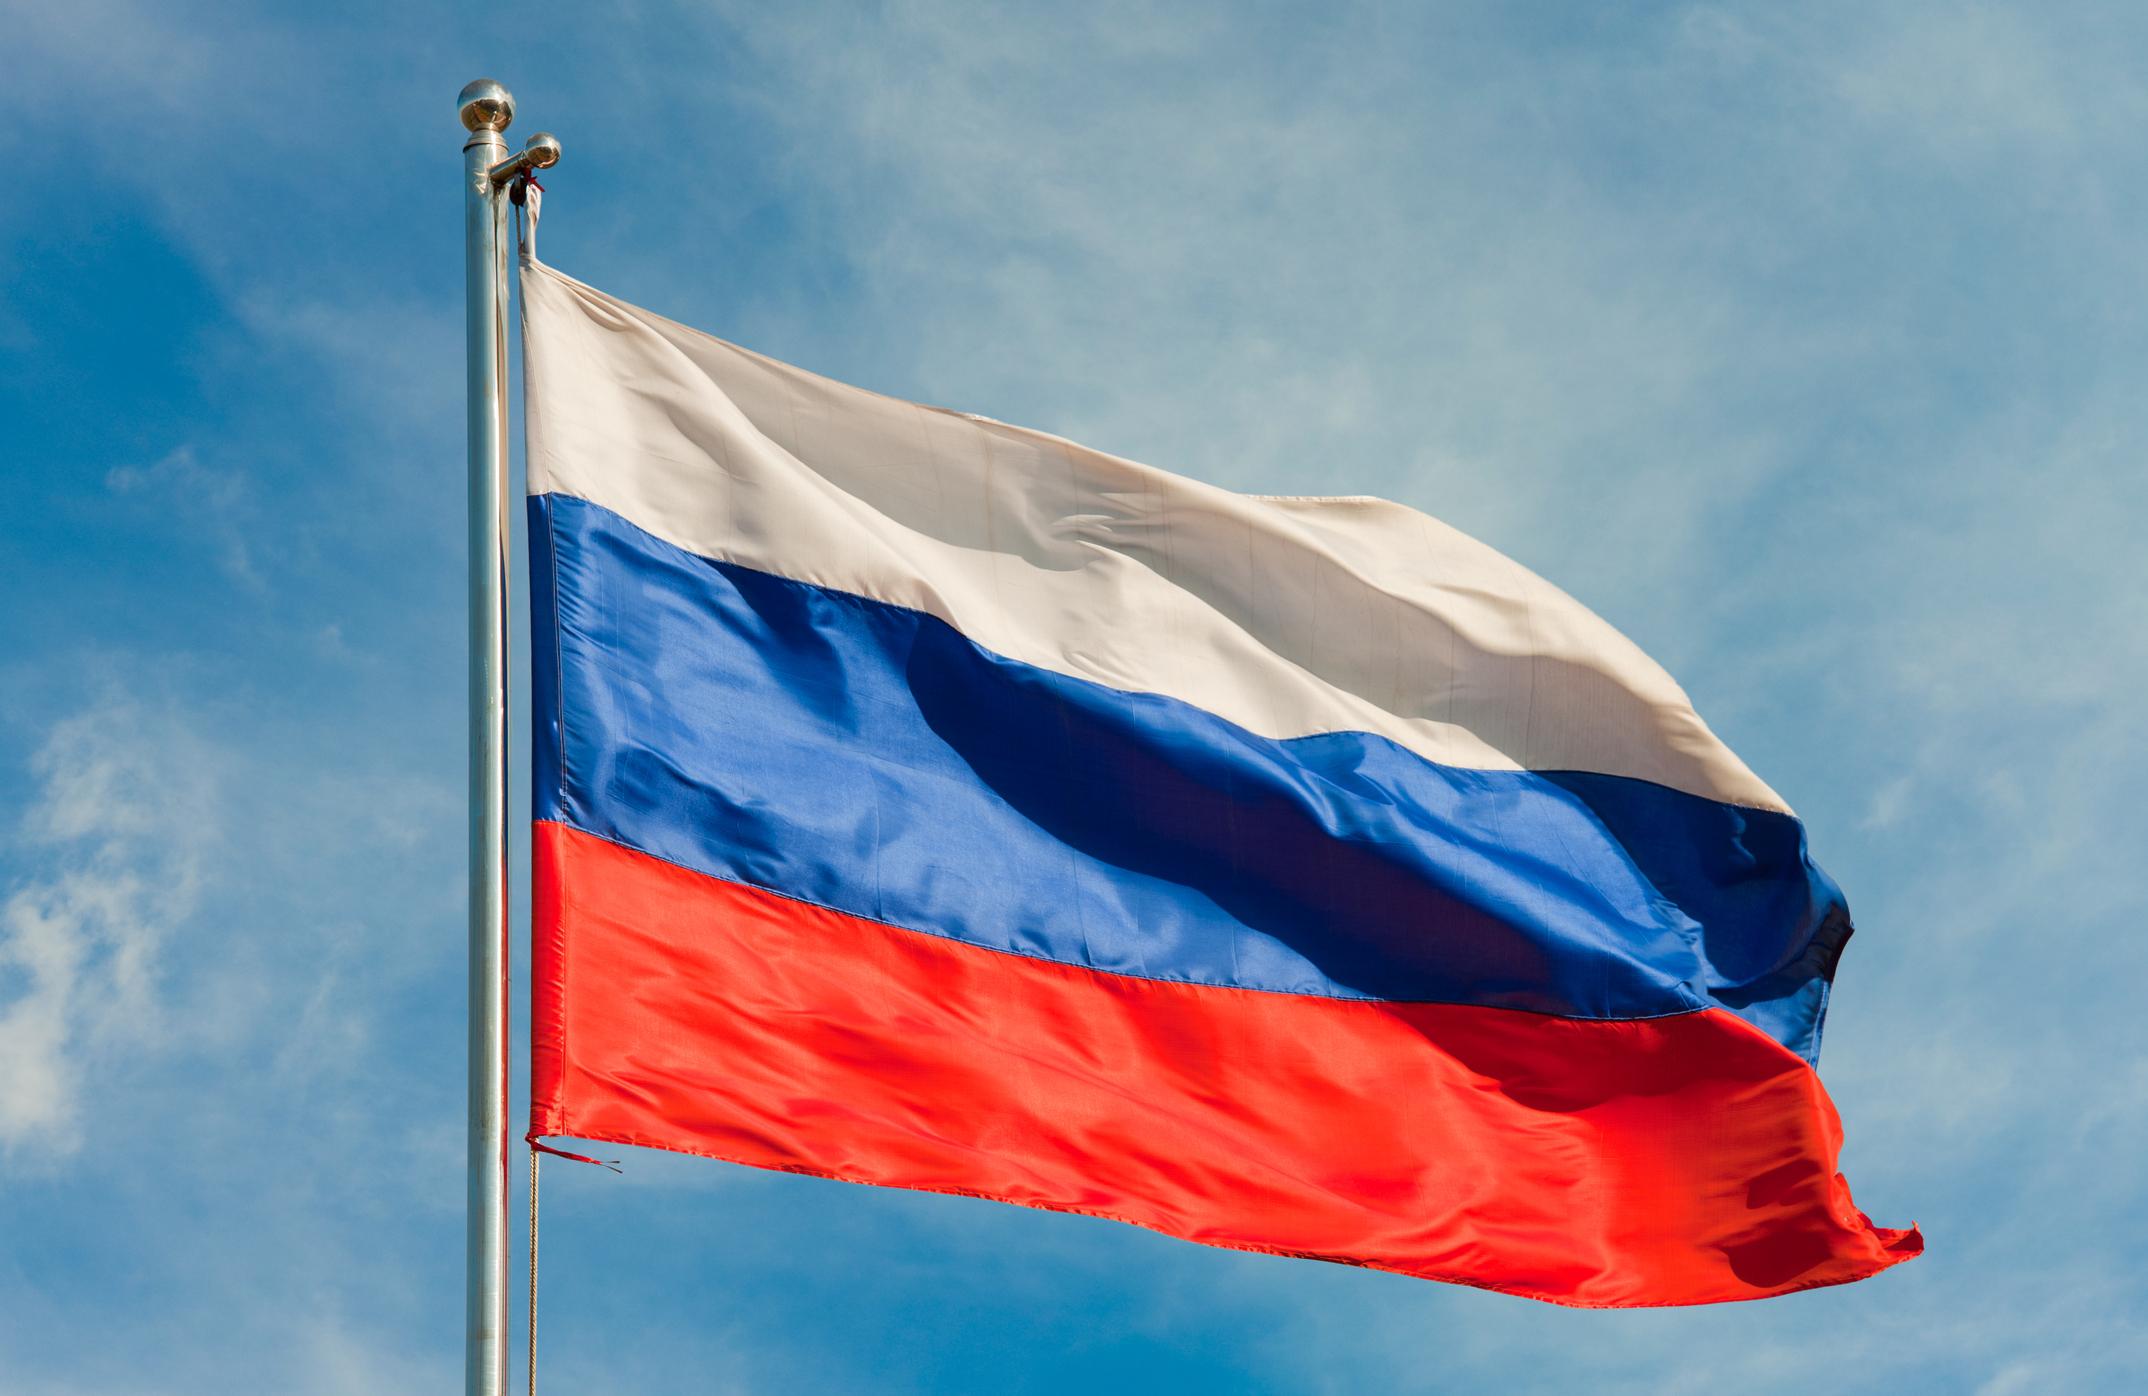 Bandeira da Federação Russa